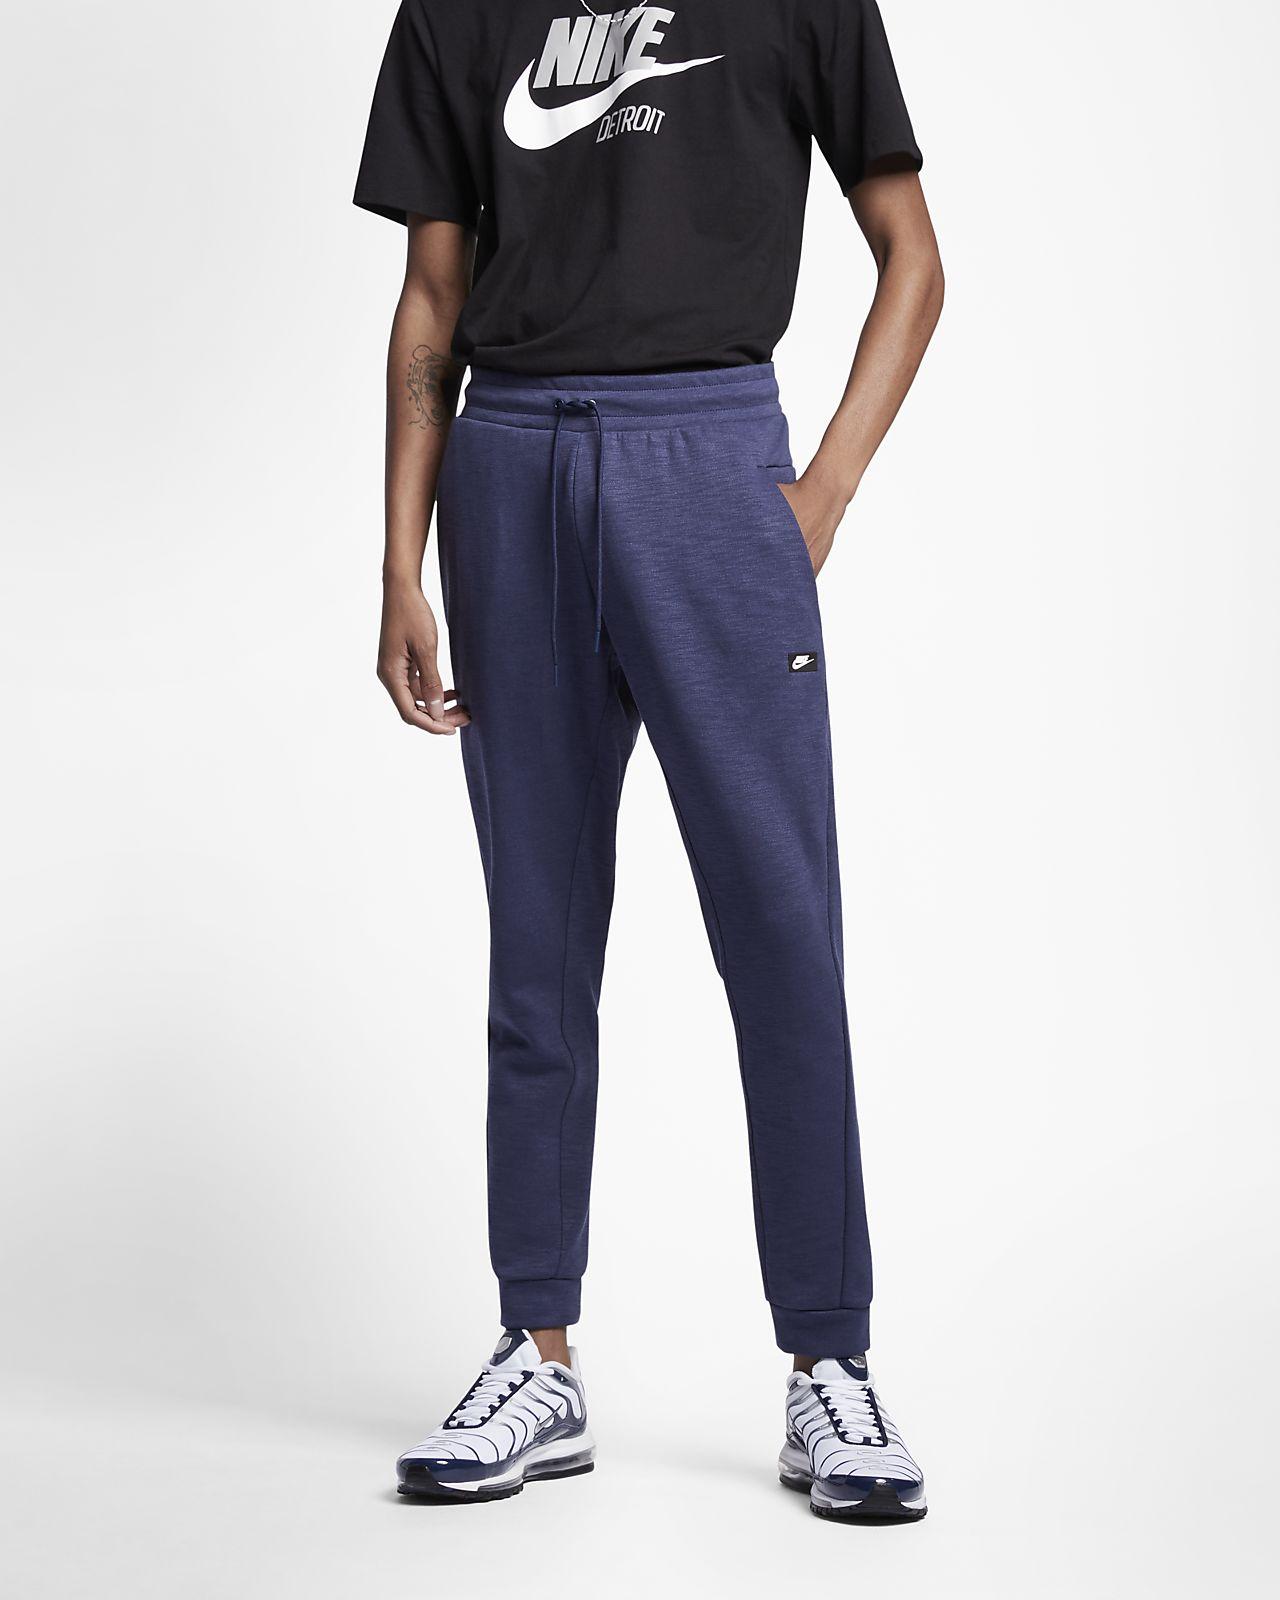 Spodnie męskie typu jogger Nike Sportswear